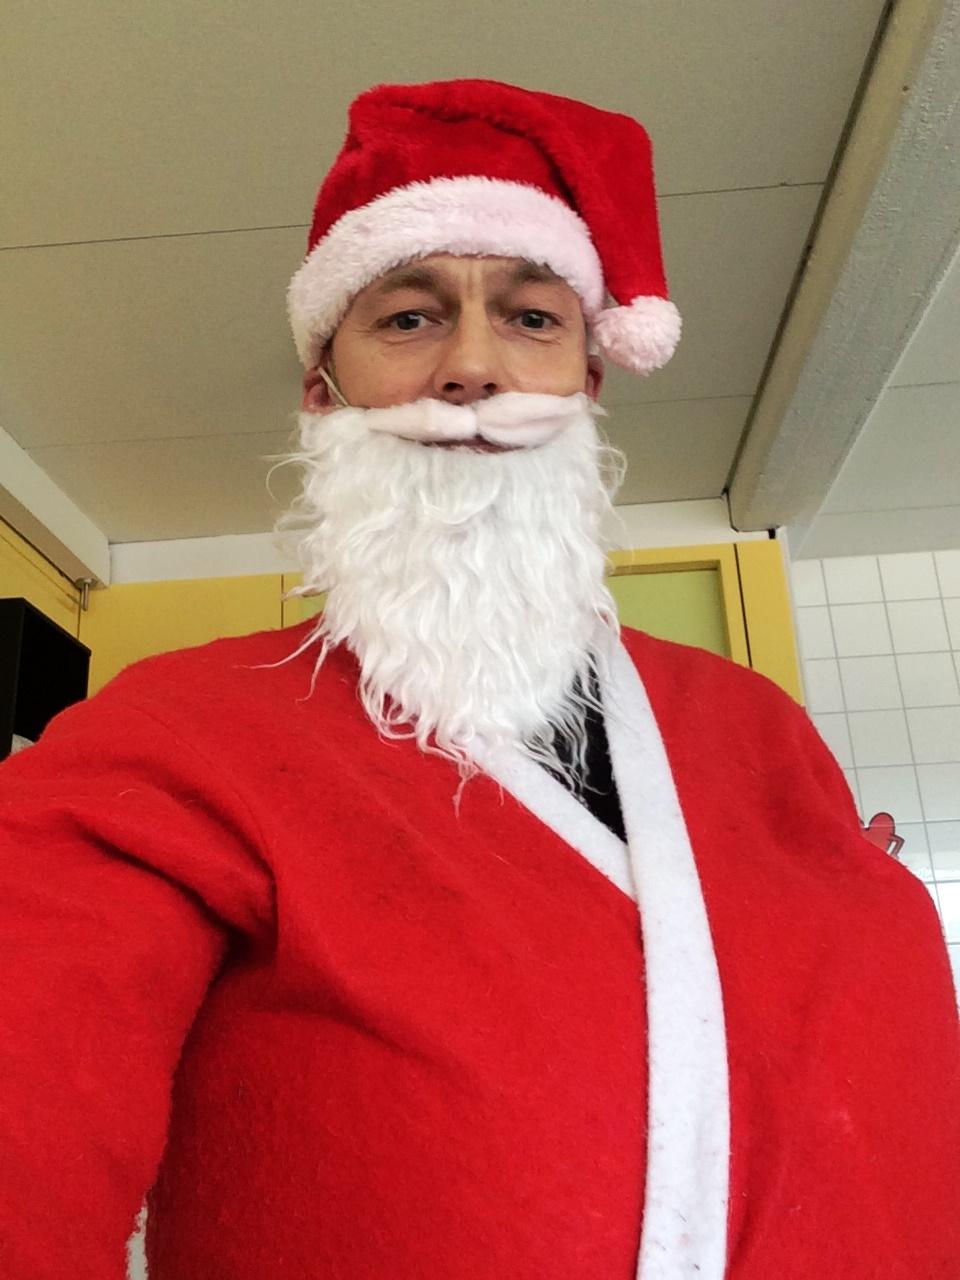 der Nikolaus war manchmal auch streng, zumindest hier guckt er gerade so